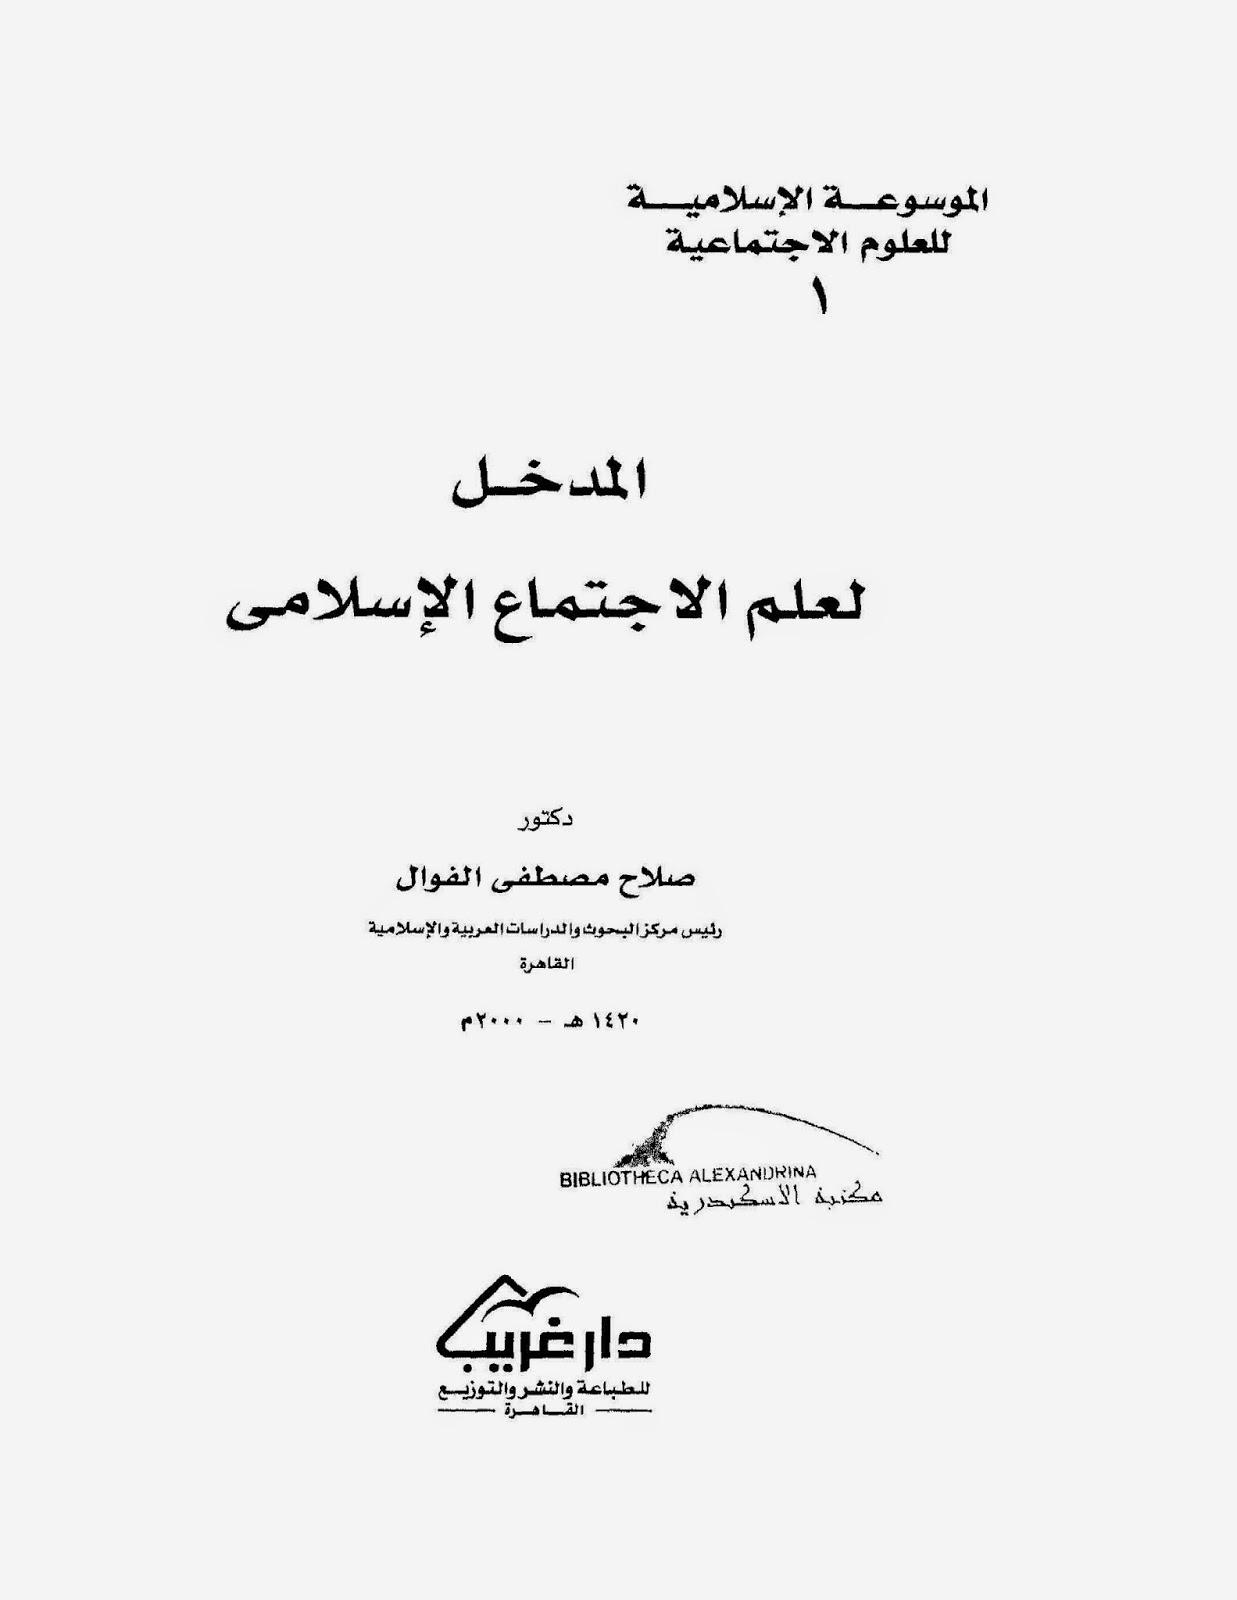 المدخل لعلم الاجتماع الإسلامي لـ صلاح الفوال